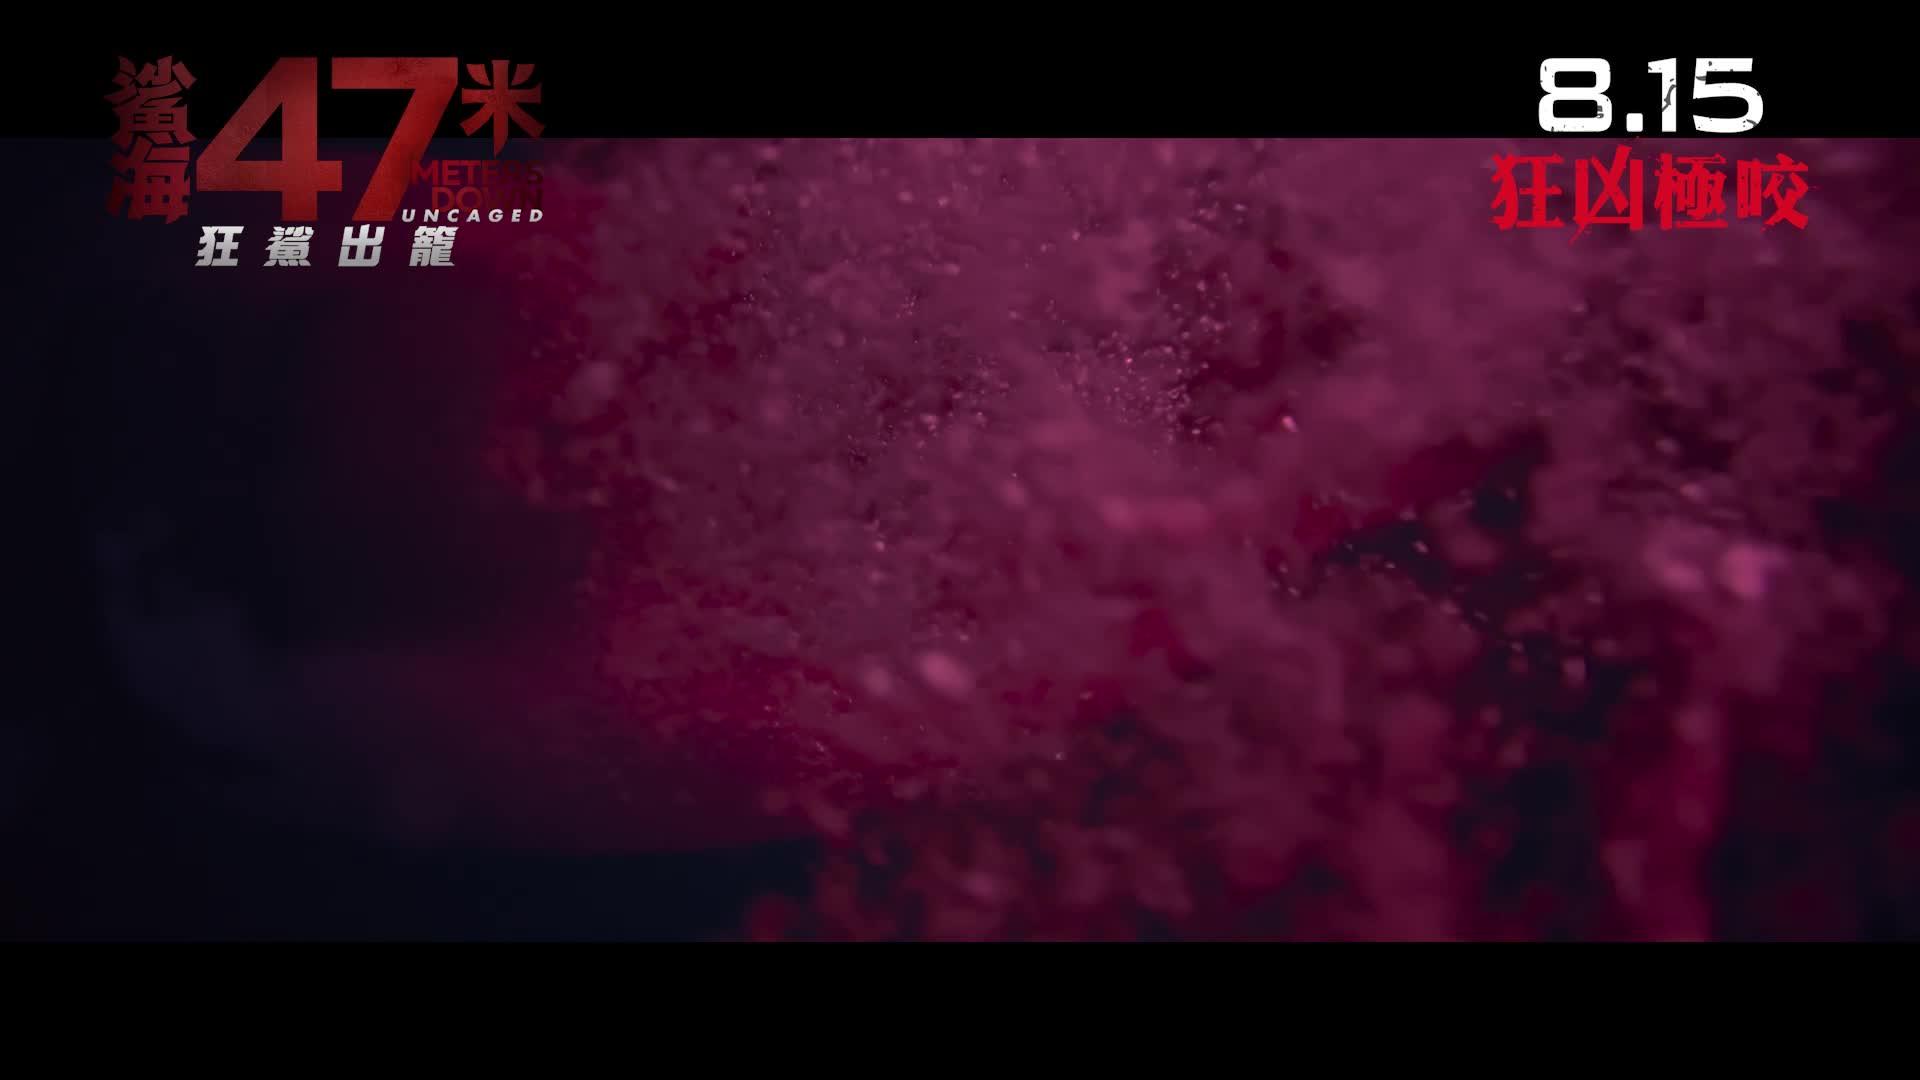 《鯊海47米:狂鯊出籠》電影預告